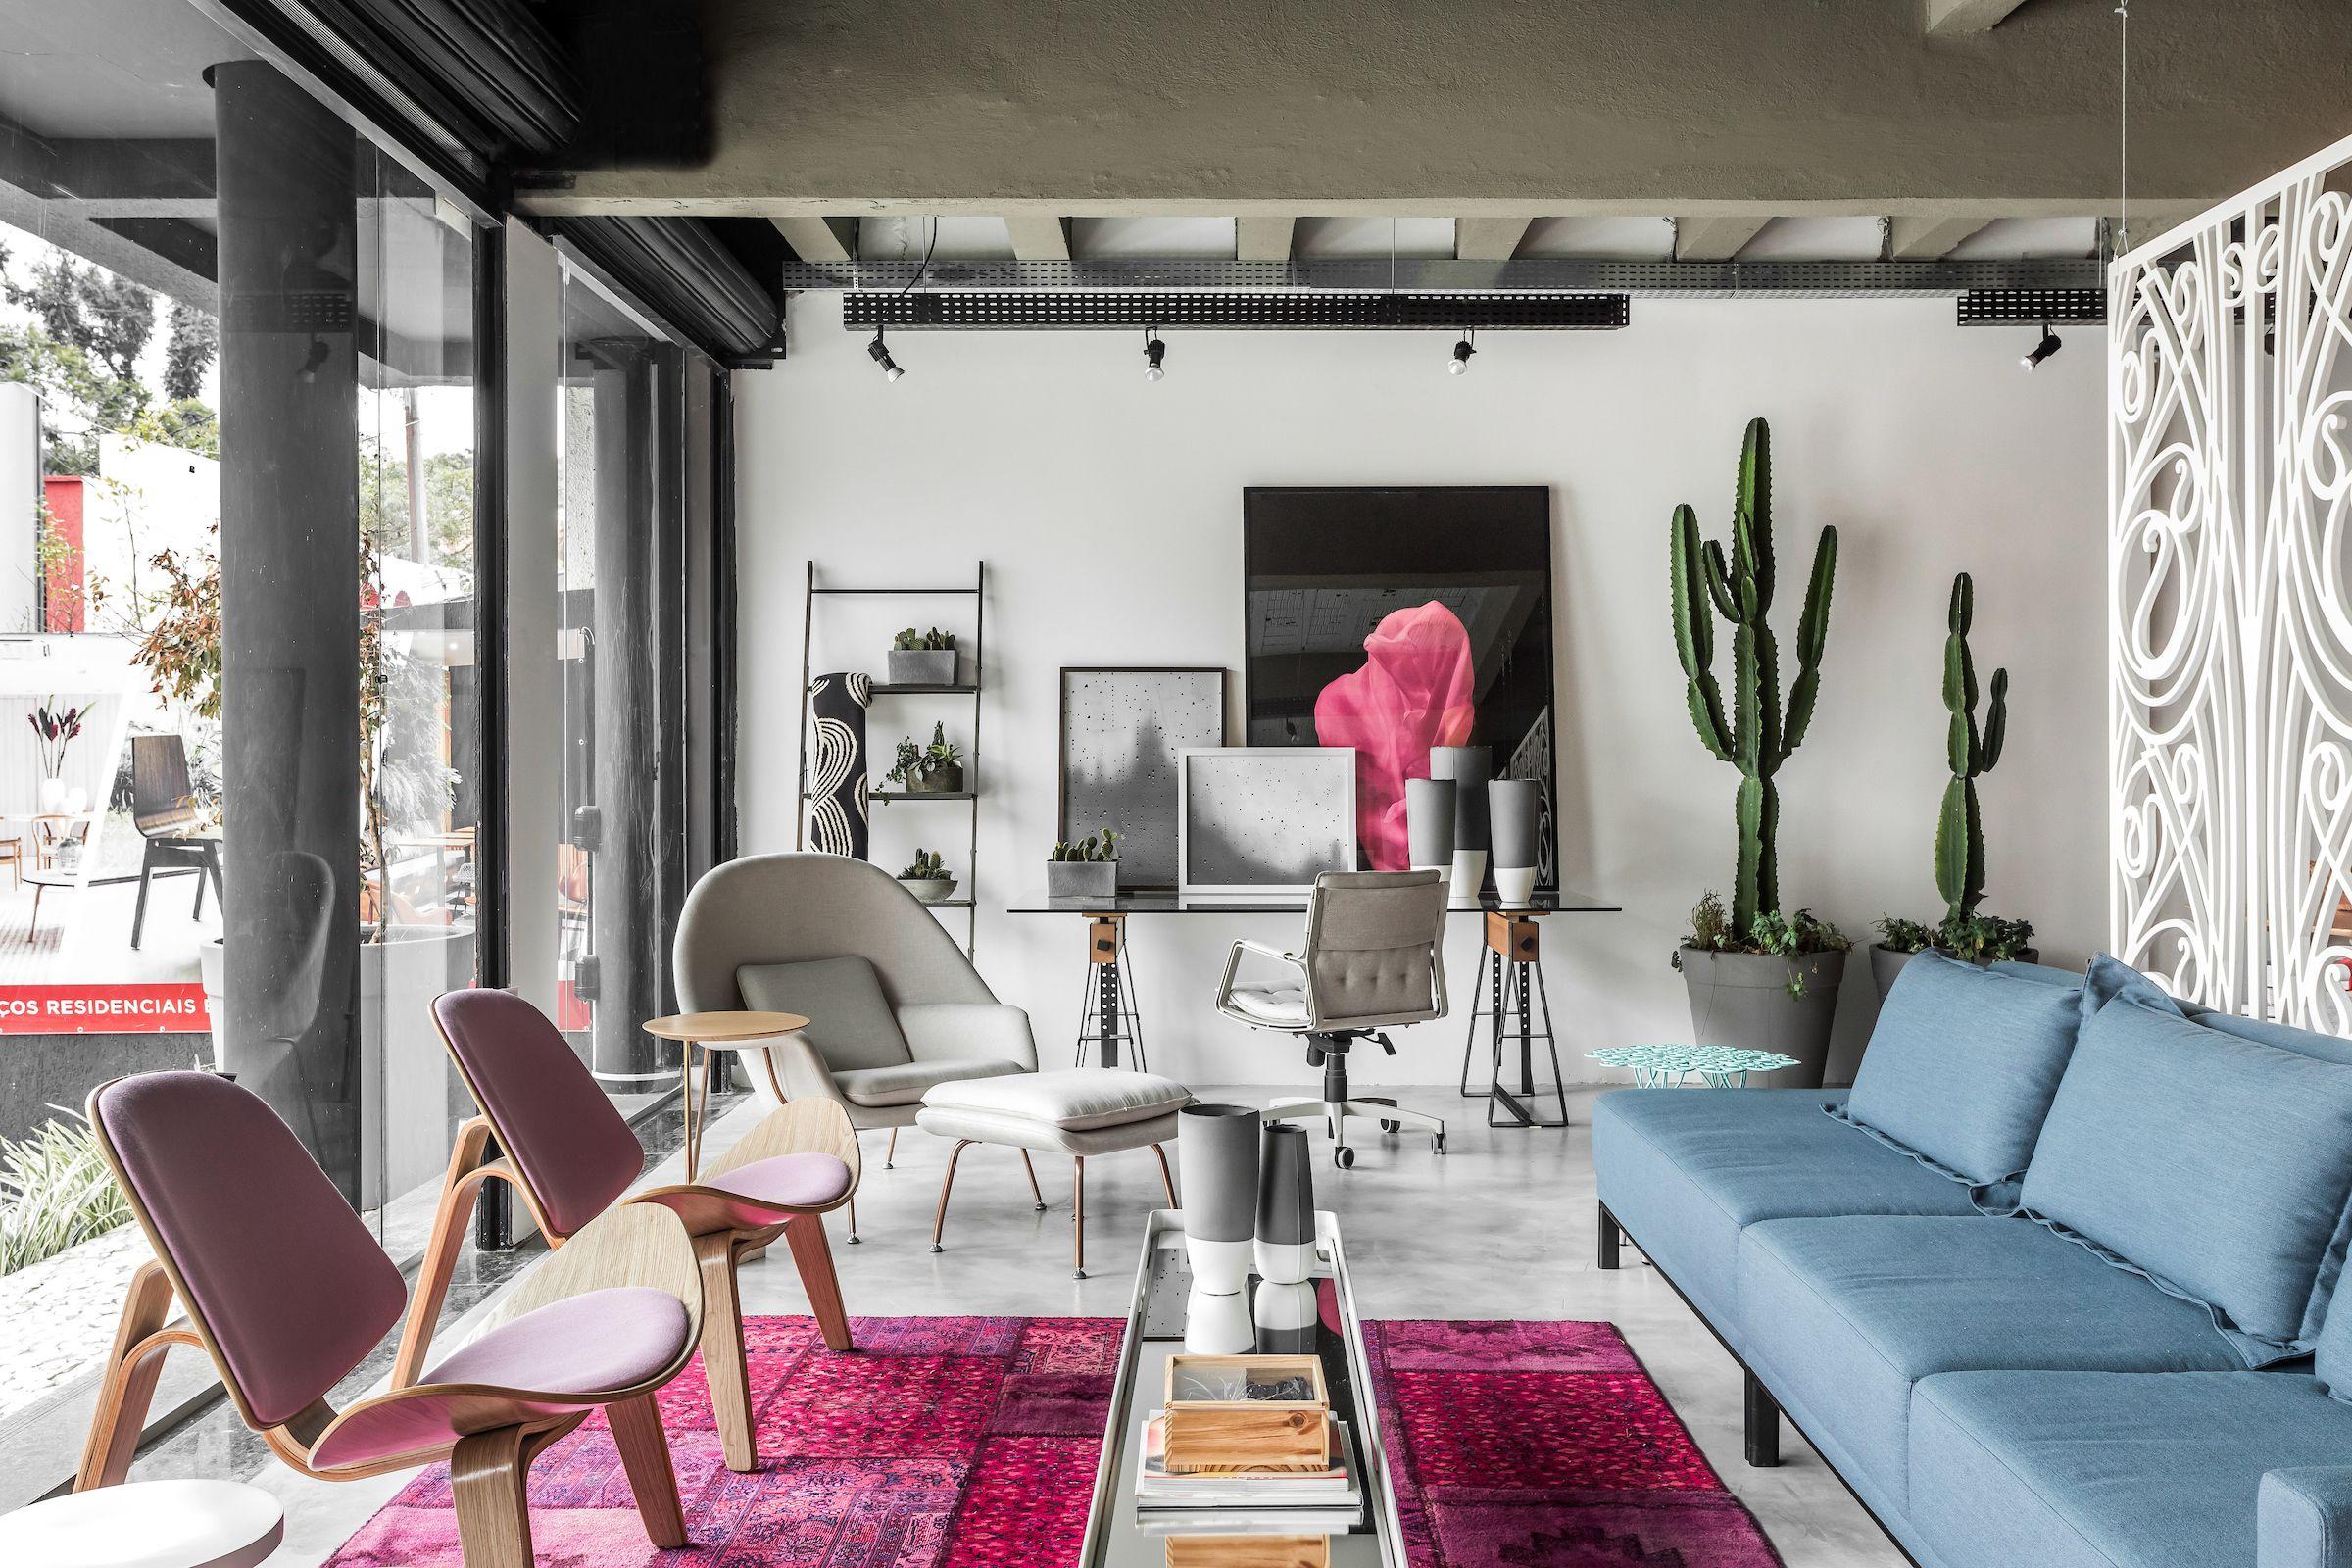 Inove Interiores Comercial Interior Architecture Home Decor